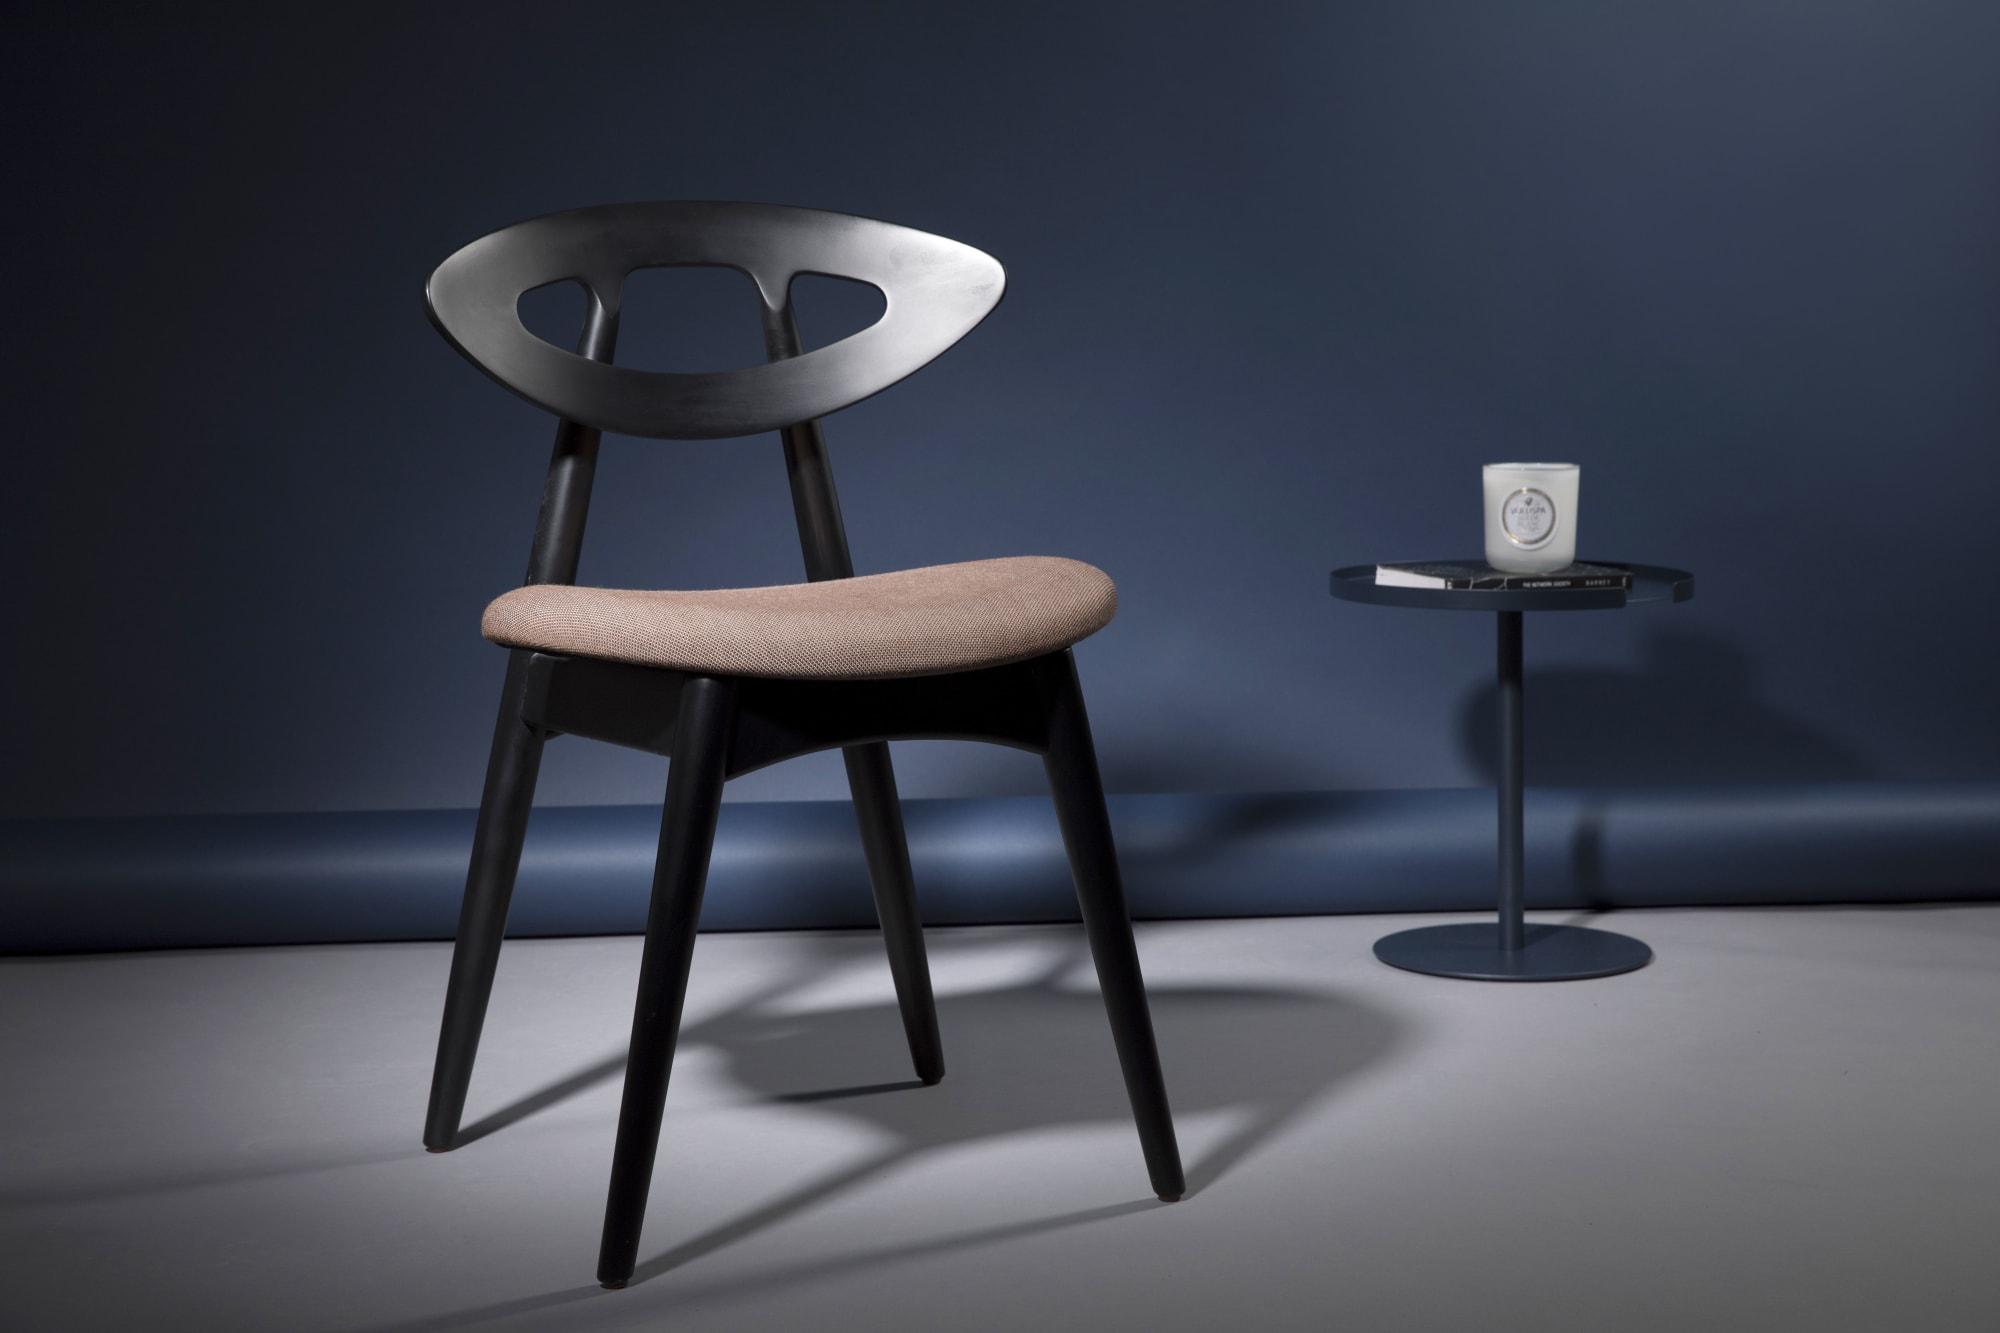 Chairs by MatzForm seen at Nanjing, Nanjing - Eye™